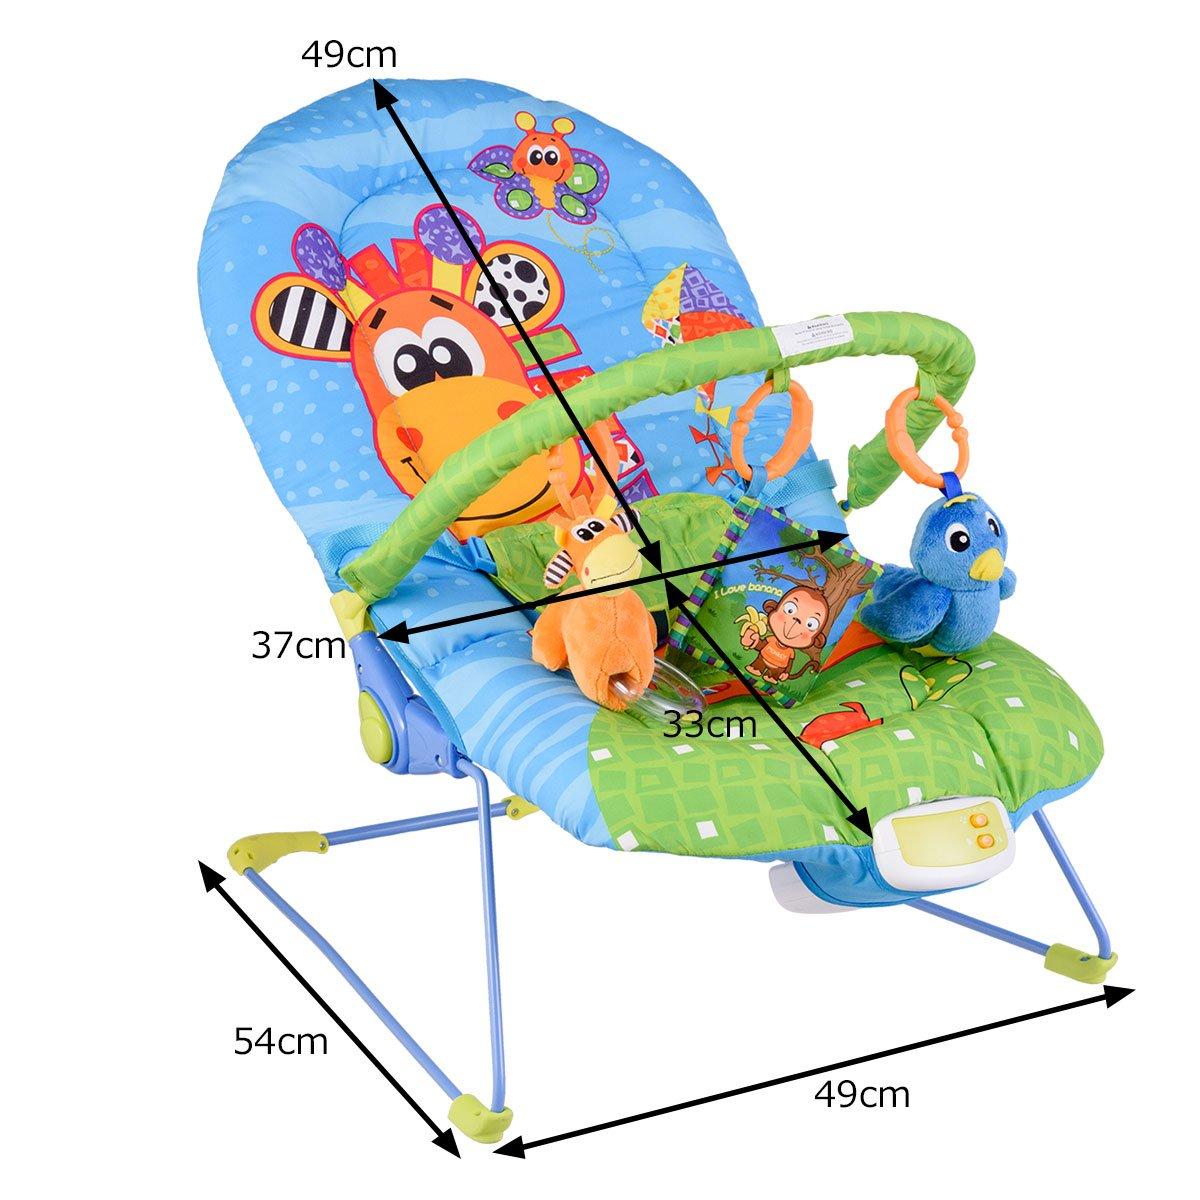 Blau Babyliegestuhl Baby Schlafkorb max.11 kg beslatbar Baby Schaukelwippe Babyschaukel verstellbar DREAMADE Babywippe mit musik und vibration